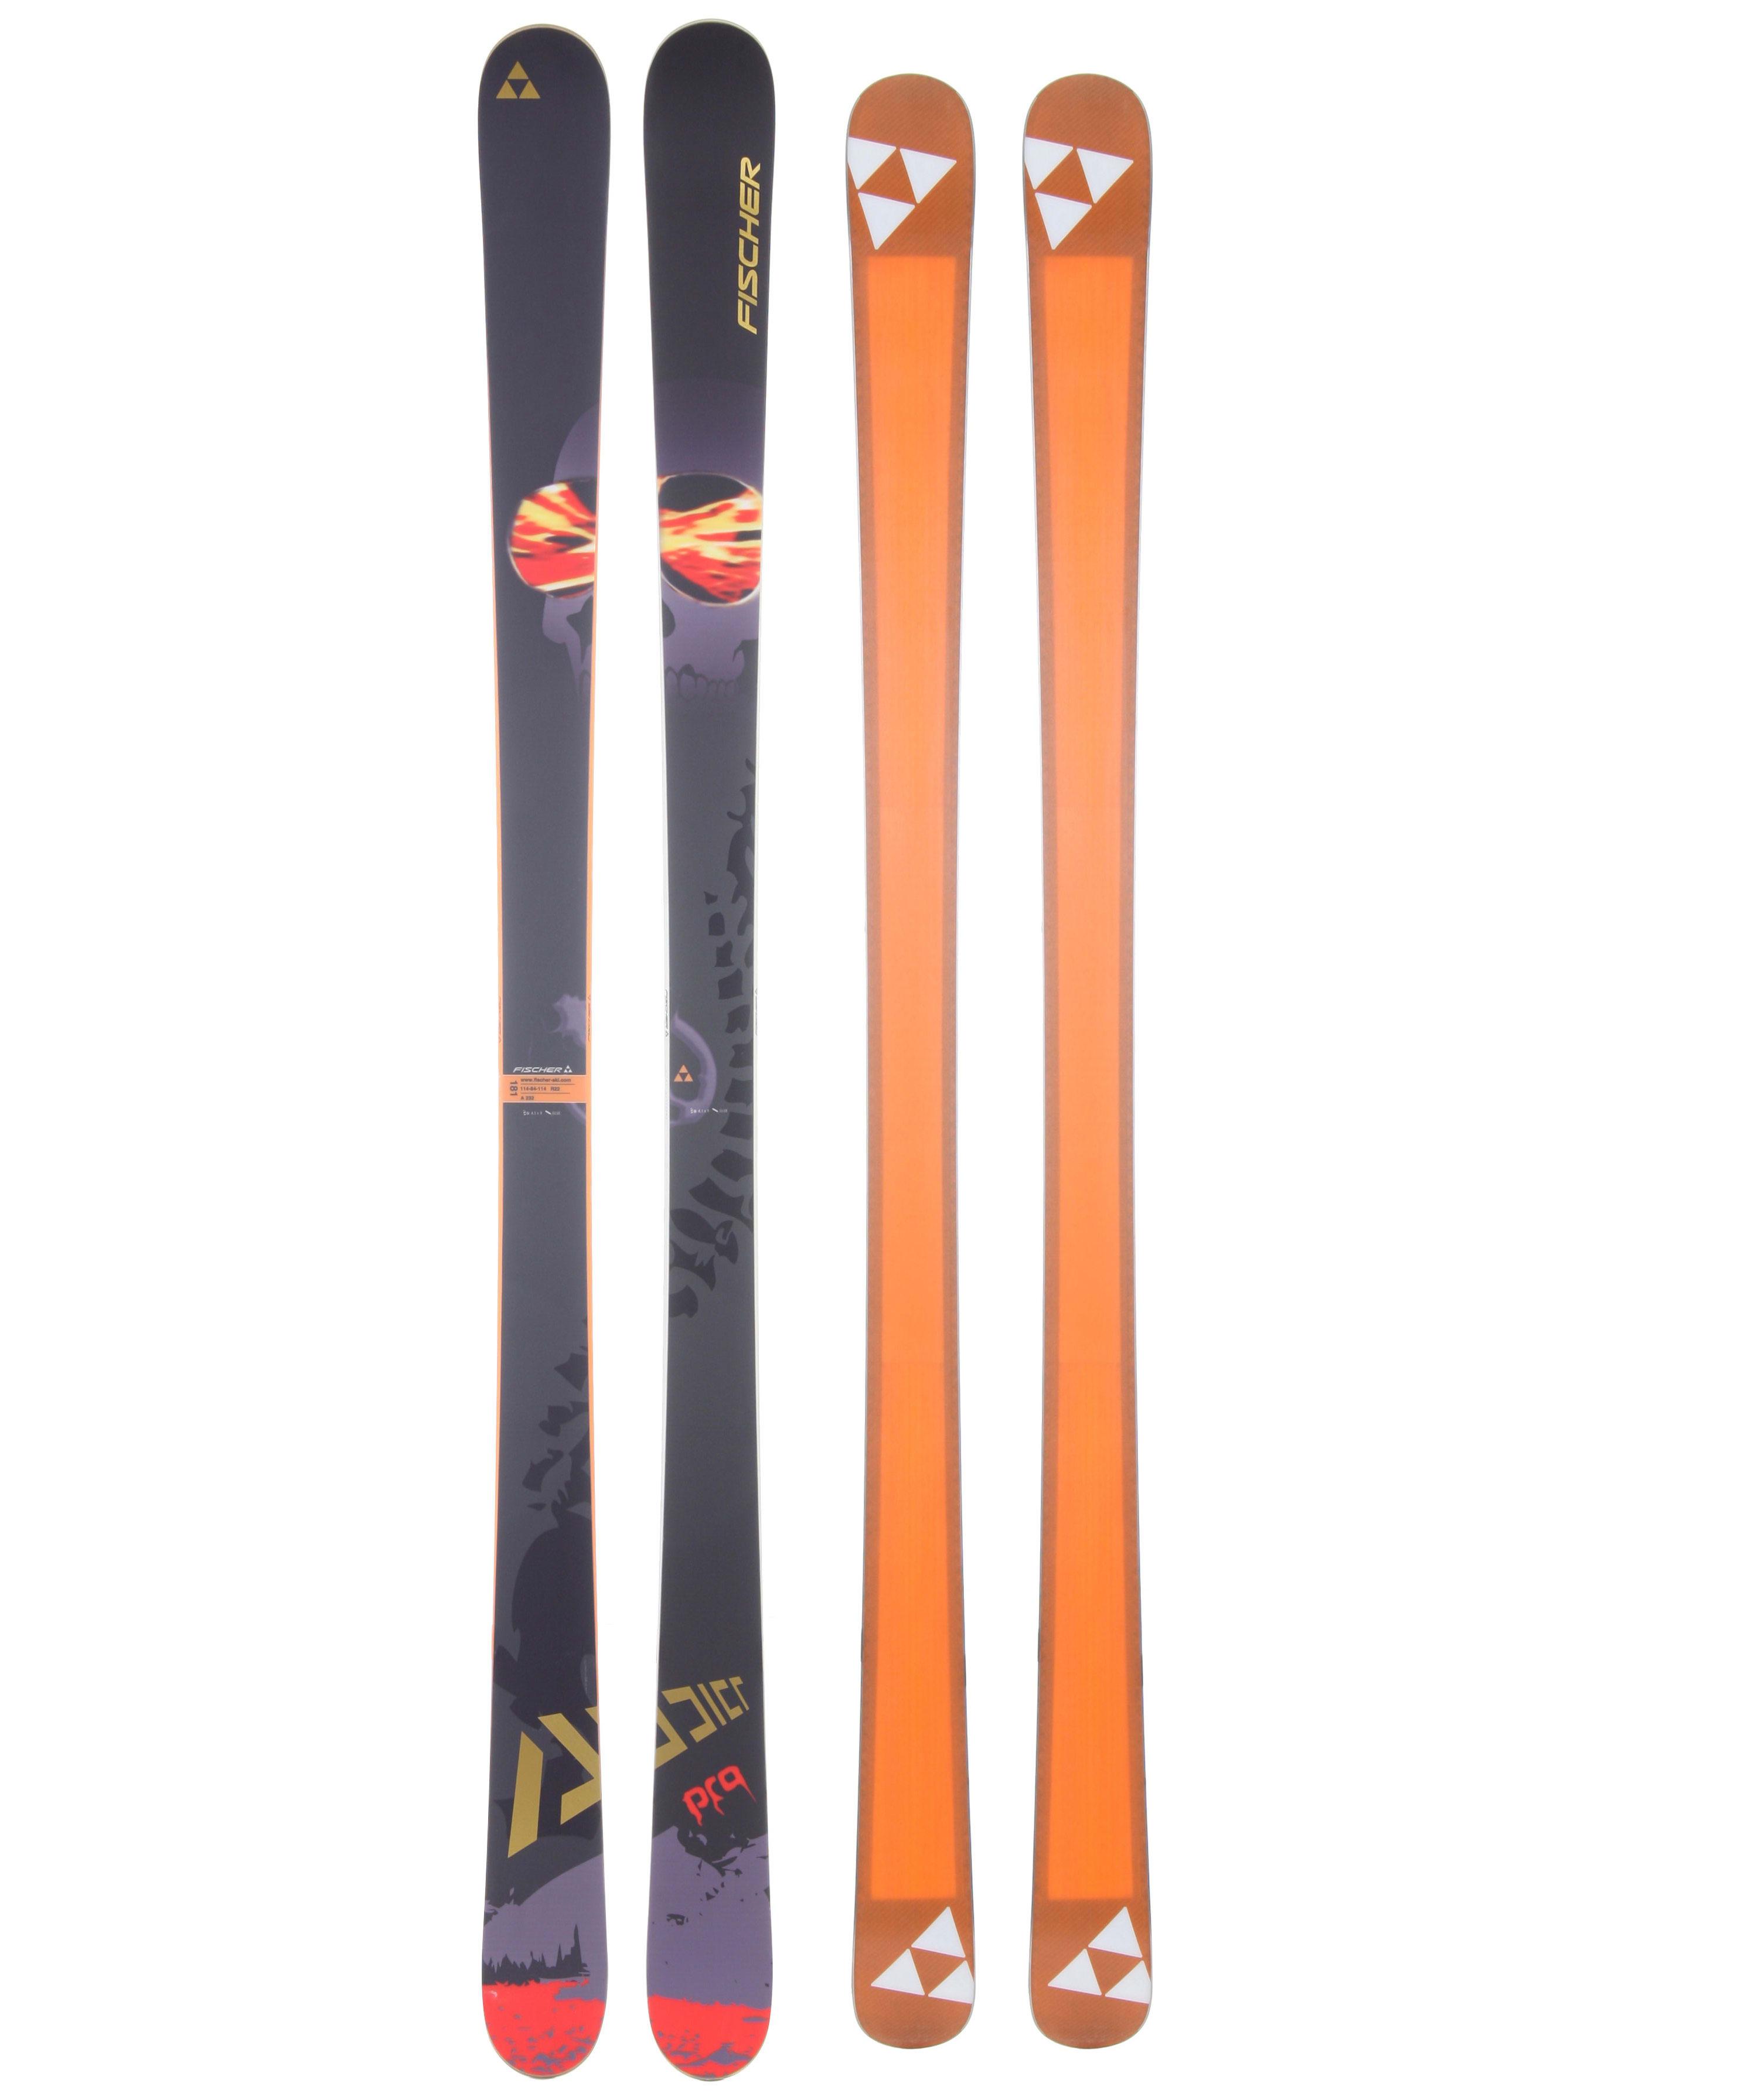 Fischer Addict Pro Skis